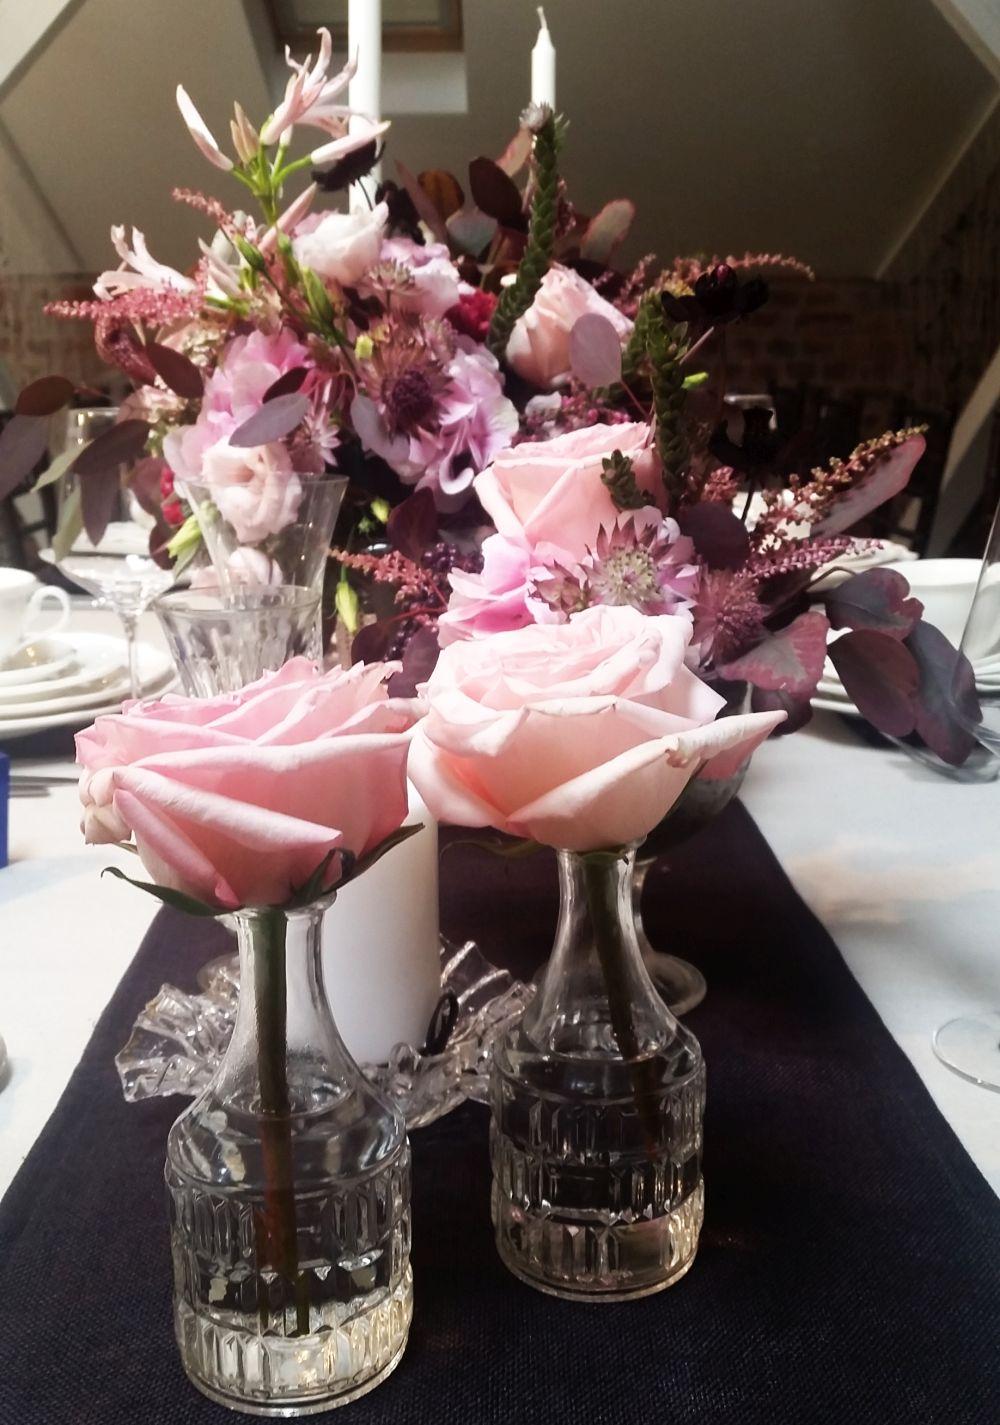 adelaparvu-com-despre-the-wedding-gallery-2016-floraria-iris-design-nicu-bocancea-34